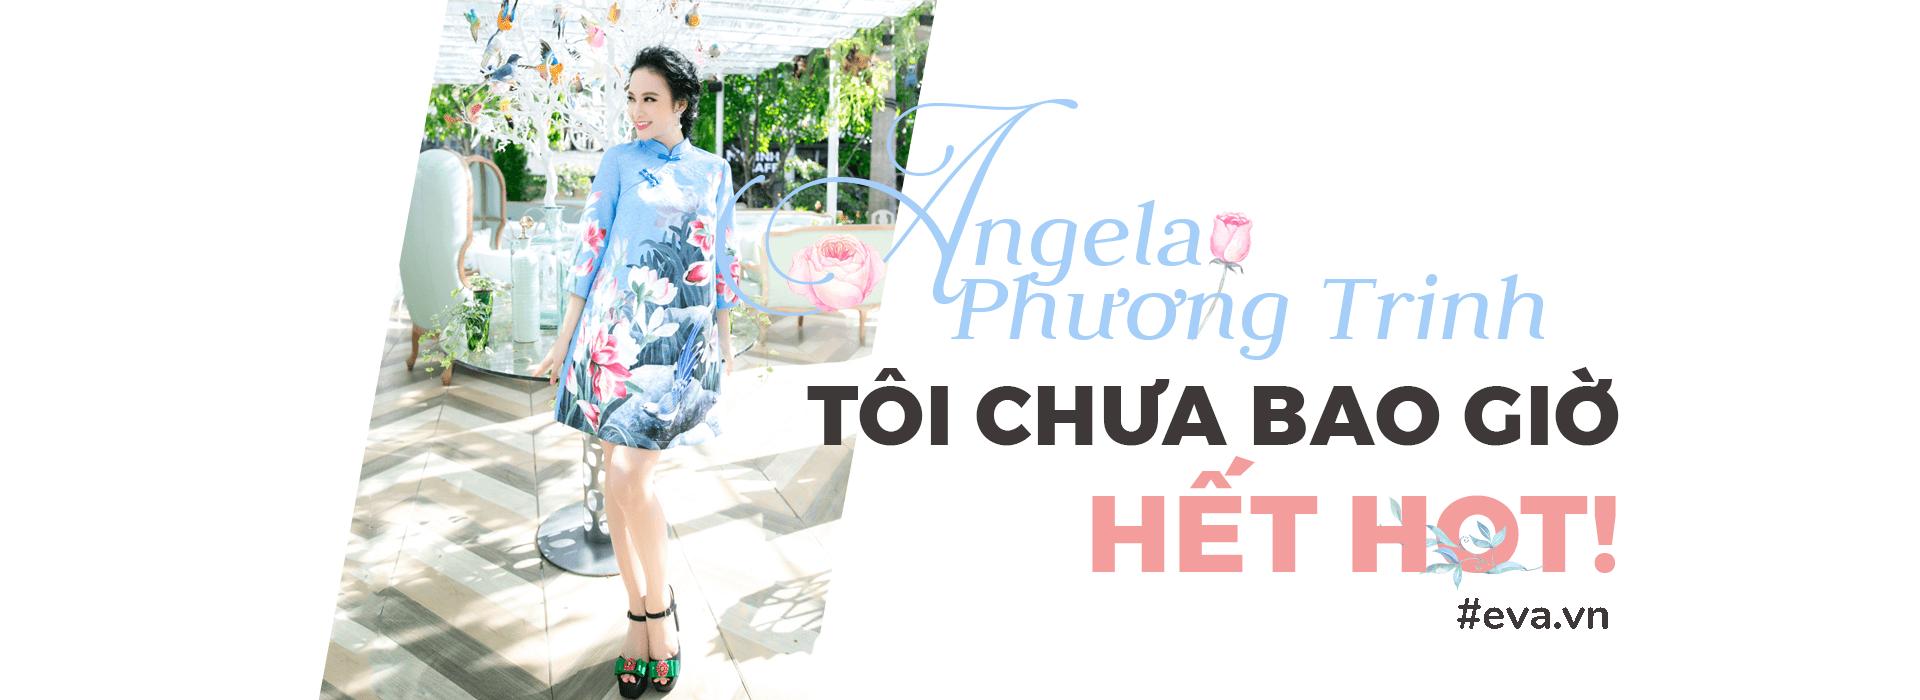 angela phuong trinh: toi chua bao gio het hot! - 1